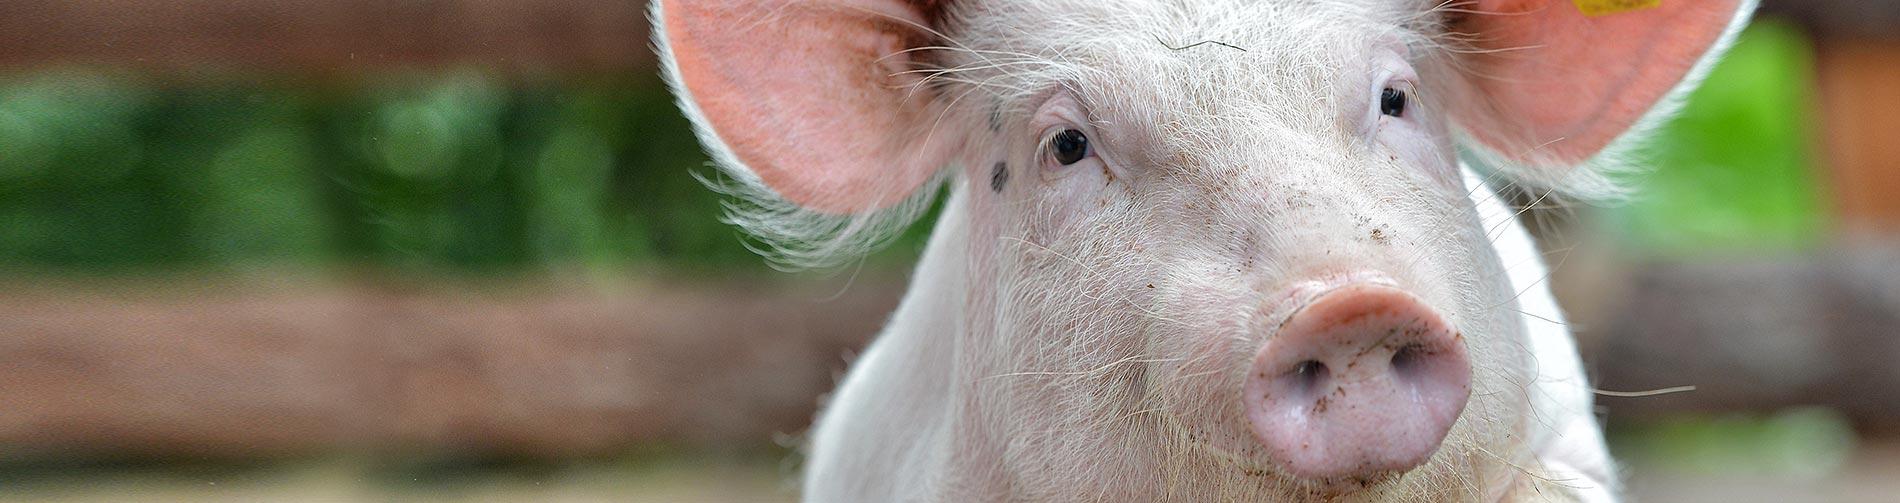 slider-schweinehaltung